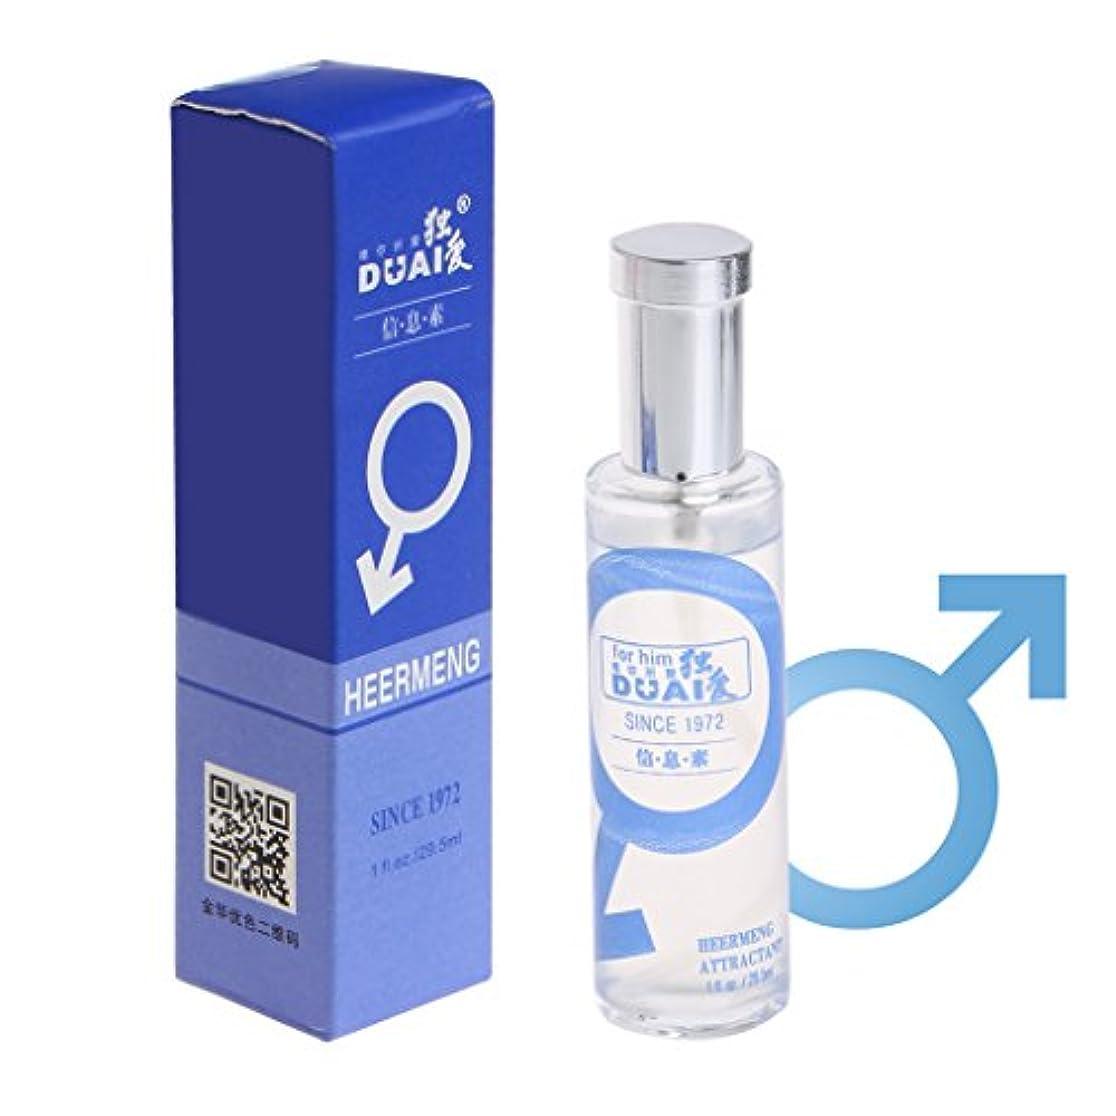 へこみ流行している教育するJAGETRADEセクシーな香水香水ボディスプレーオイルフェロモン男性の性のおもちゃのための媚薬の供給